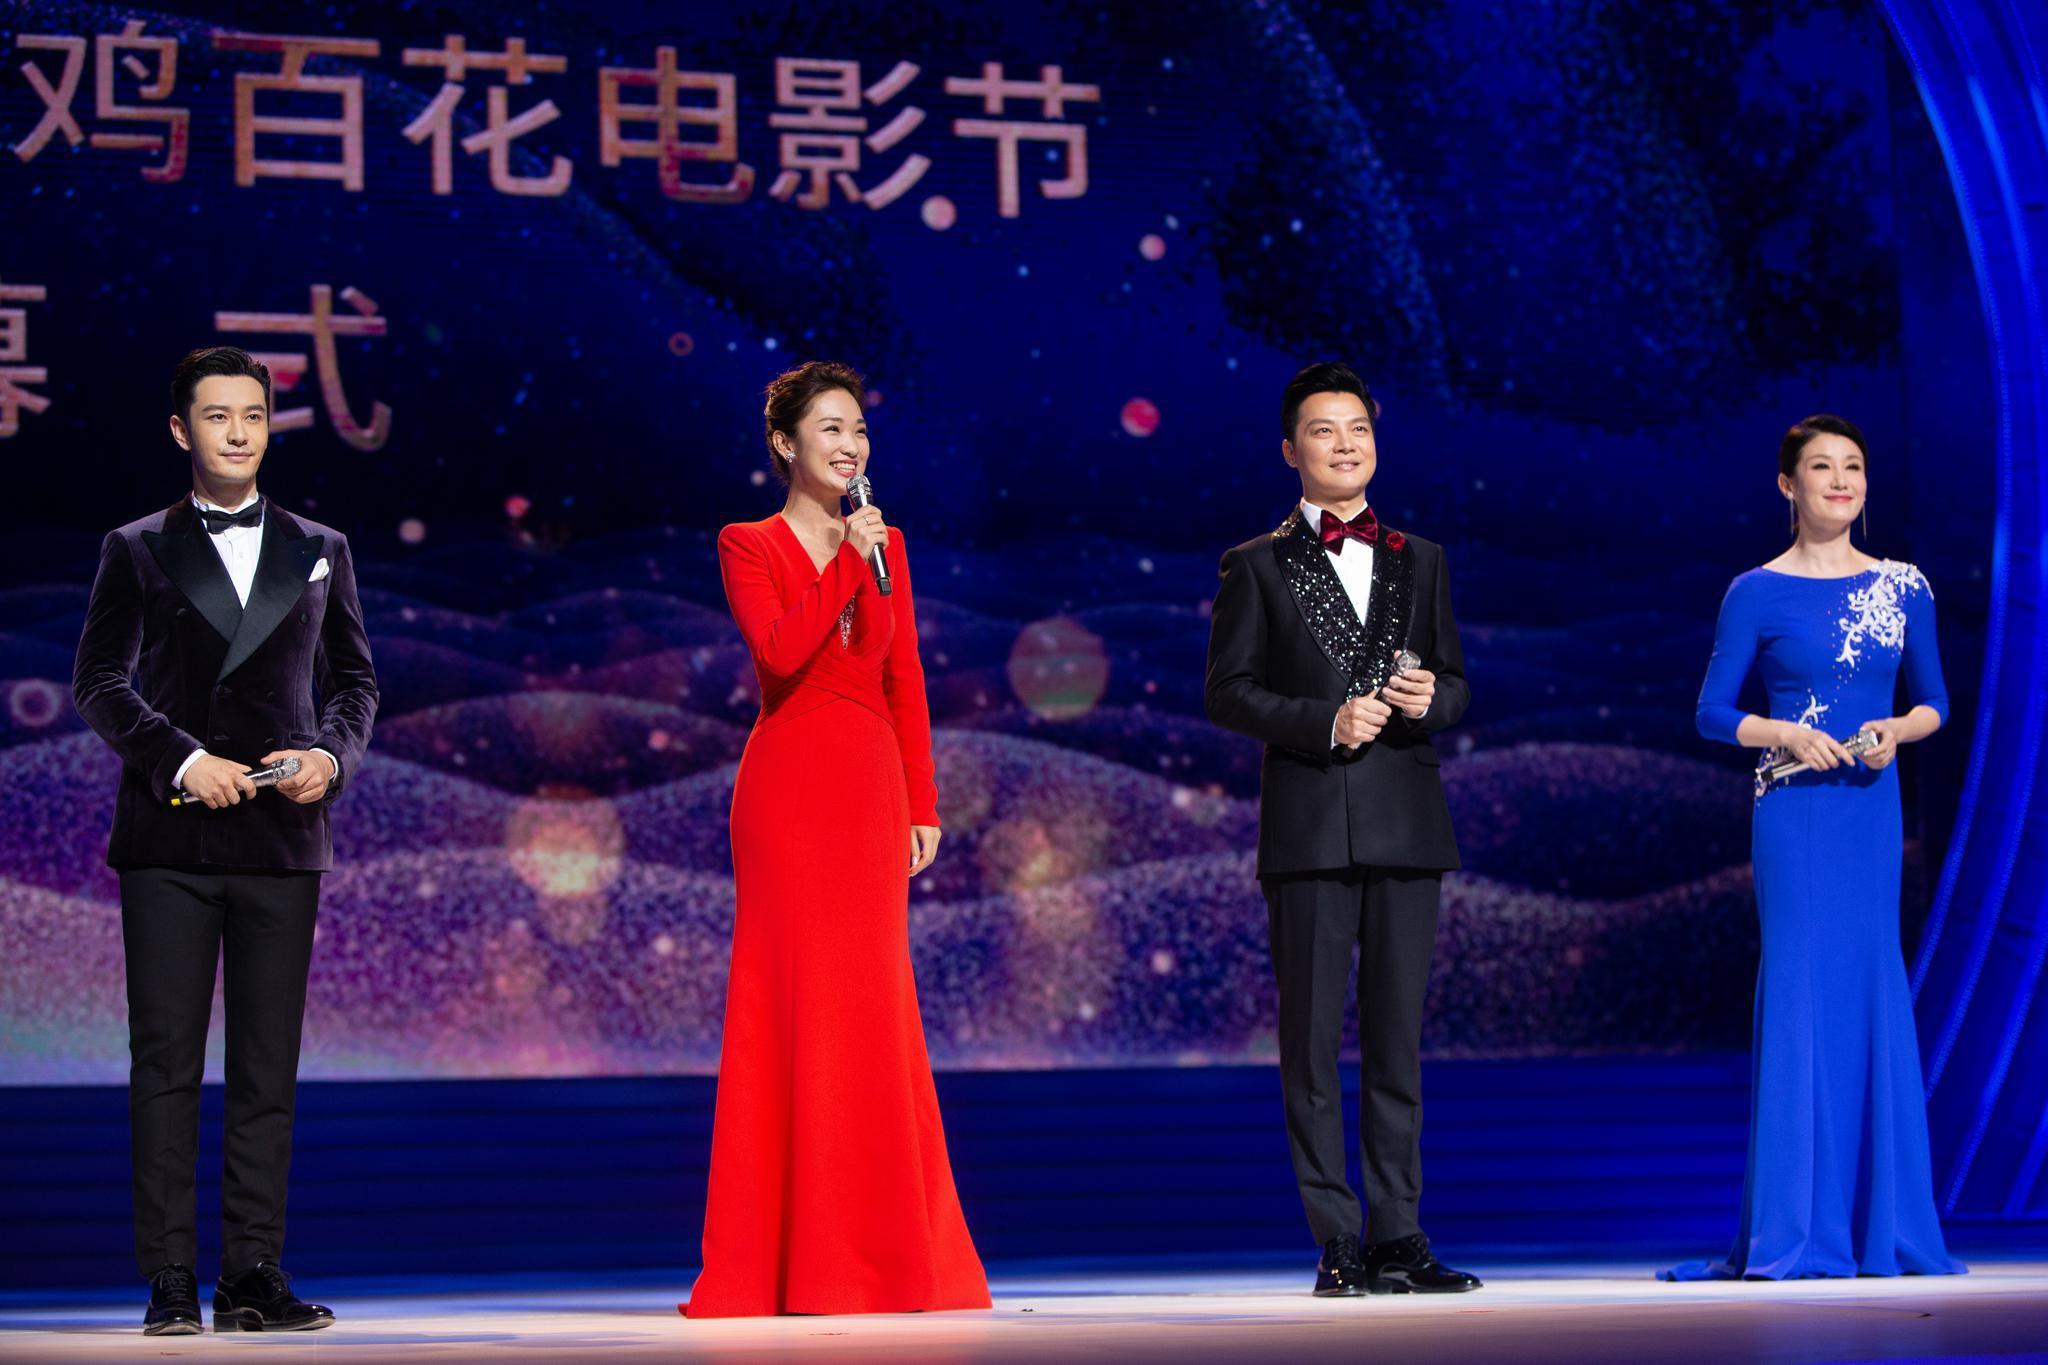 黄晓明跨界挑战金鸡百花电影节主持 丝绒西服造型儒雅绅士